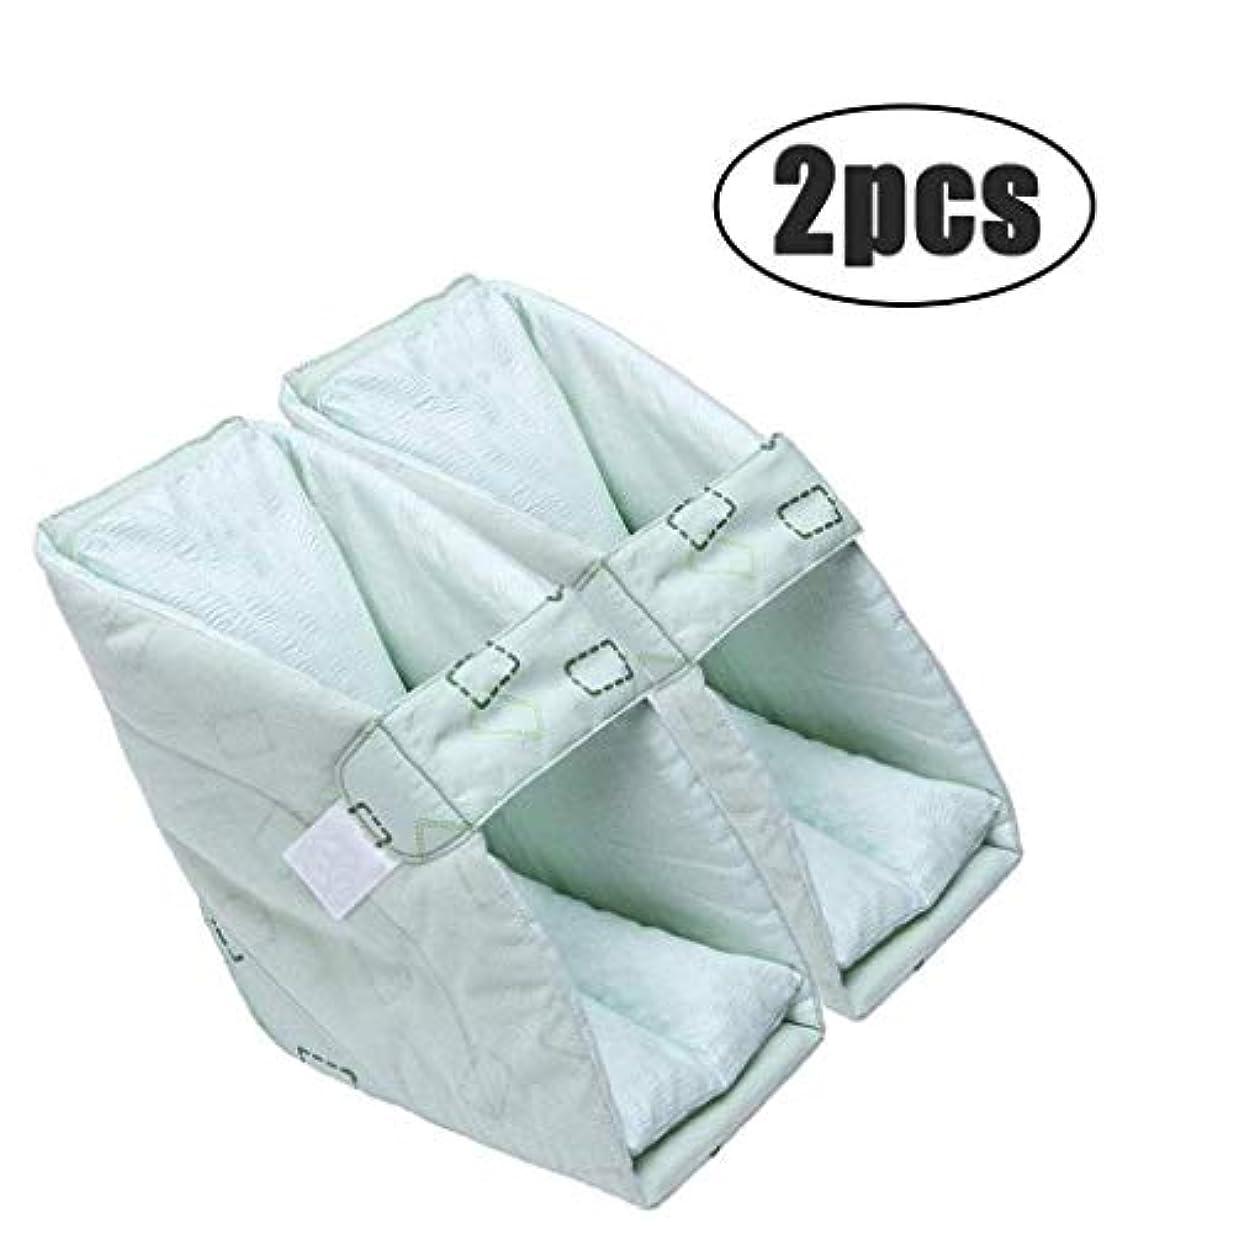 TONGSH 足の枕、かかとのプロテクター、かかとのクッション、かかとの保護、効果的なPressure瘡およびかかとの潰瘍の救済、腫れた足に最適、快適なかかとの保護の足の枕 (Size : 2pcs)